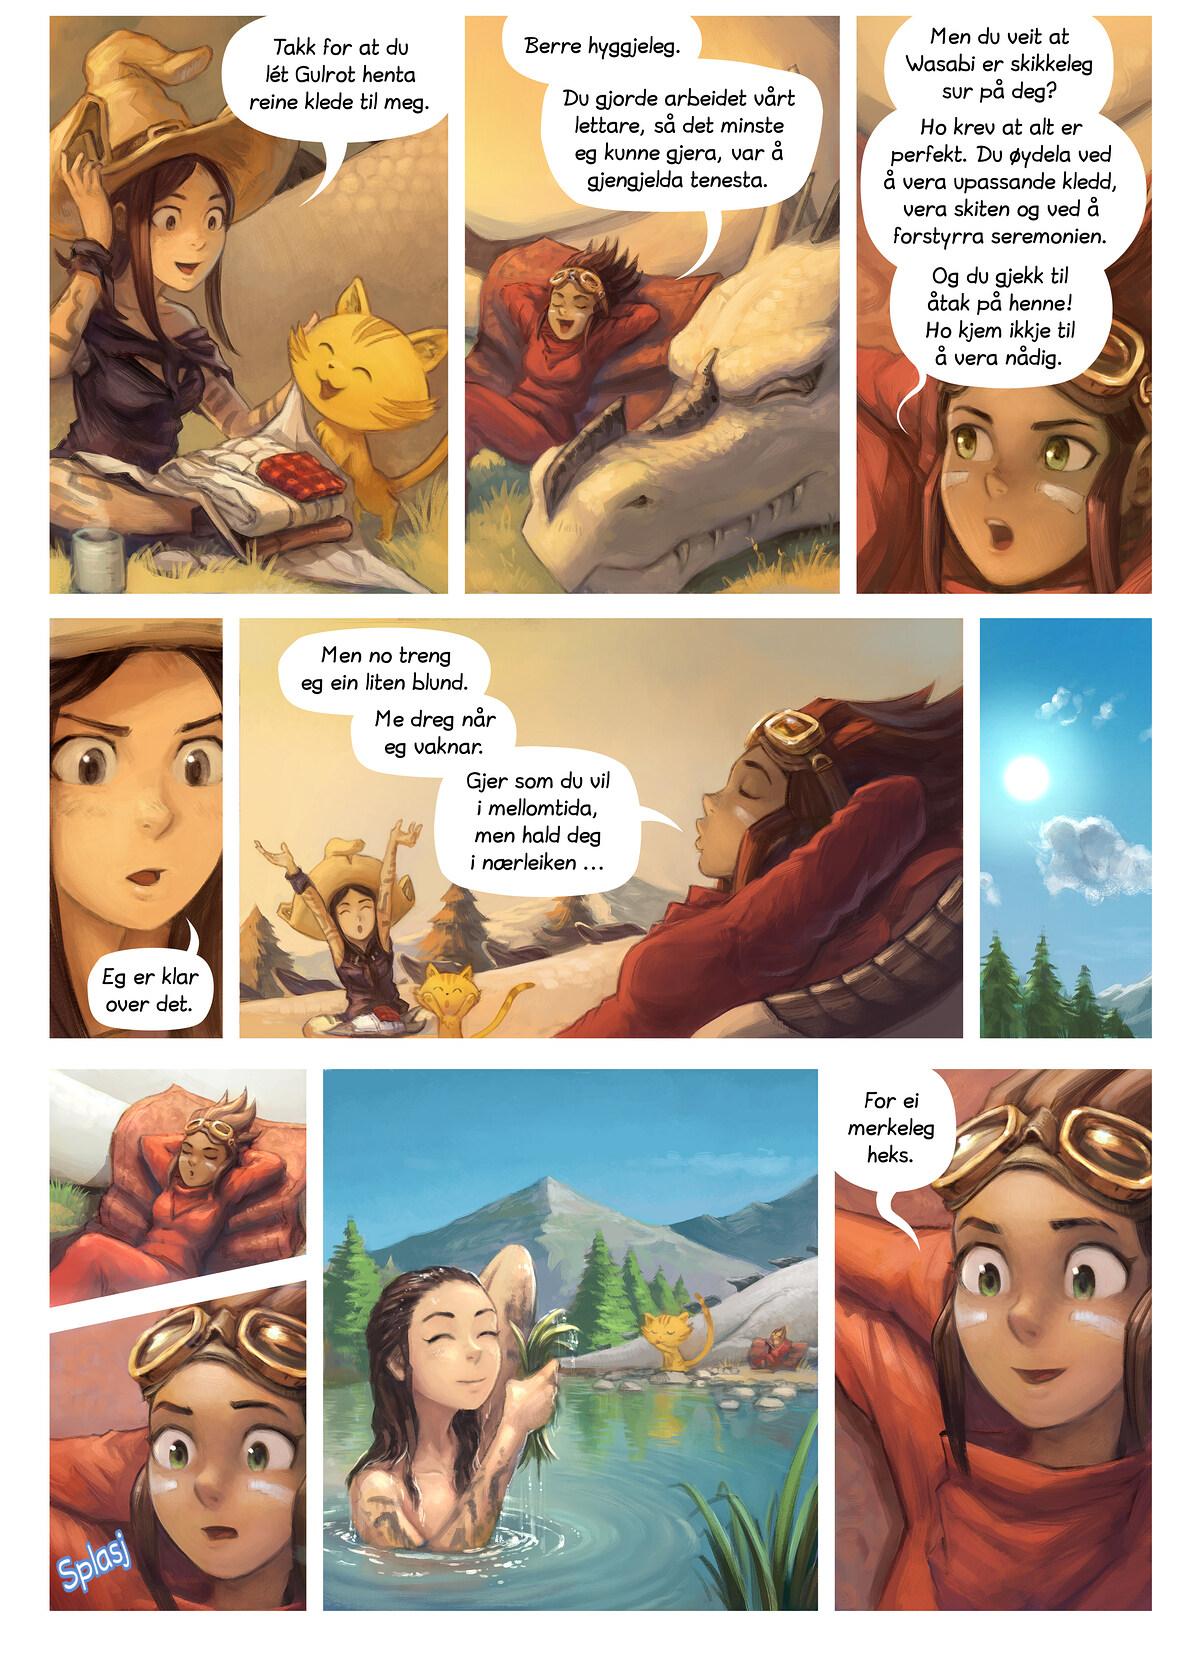 Episode 35: Refleksjonen, Side 11